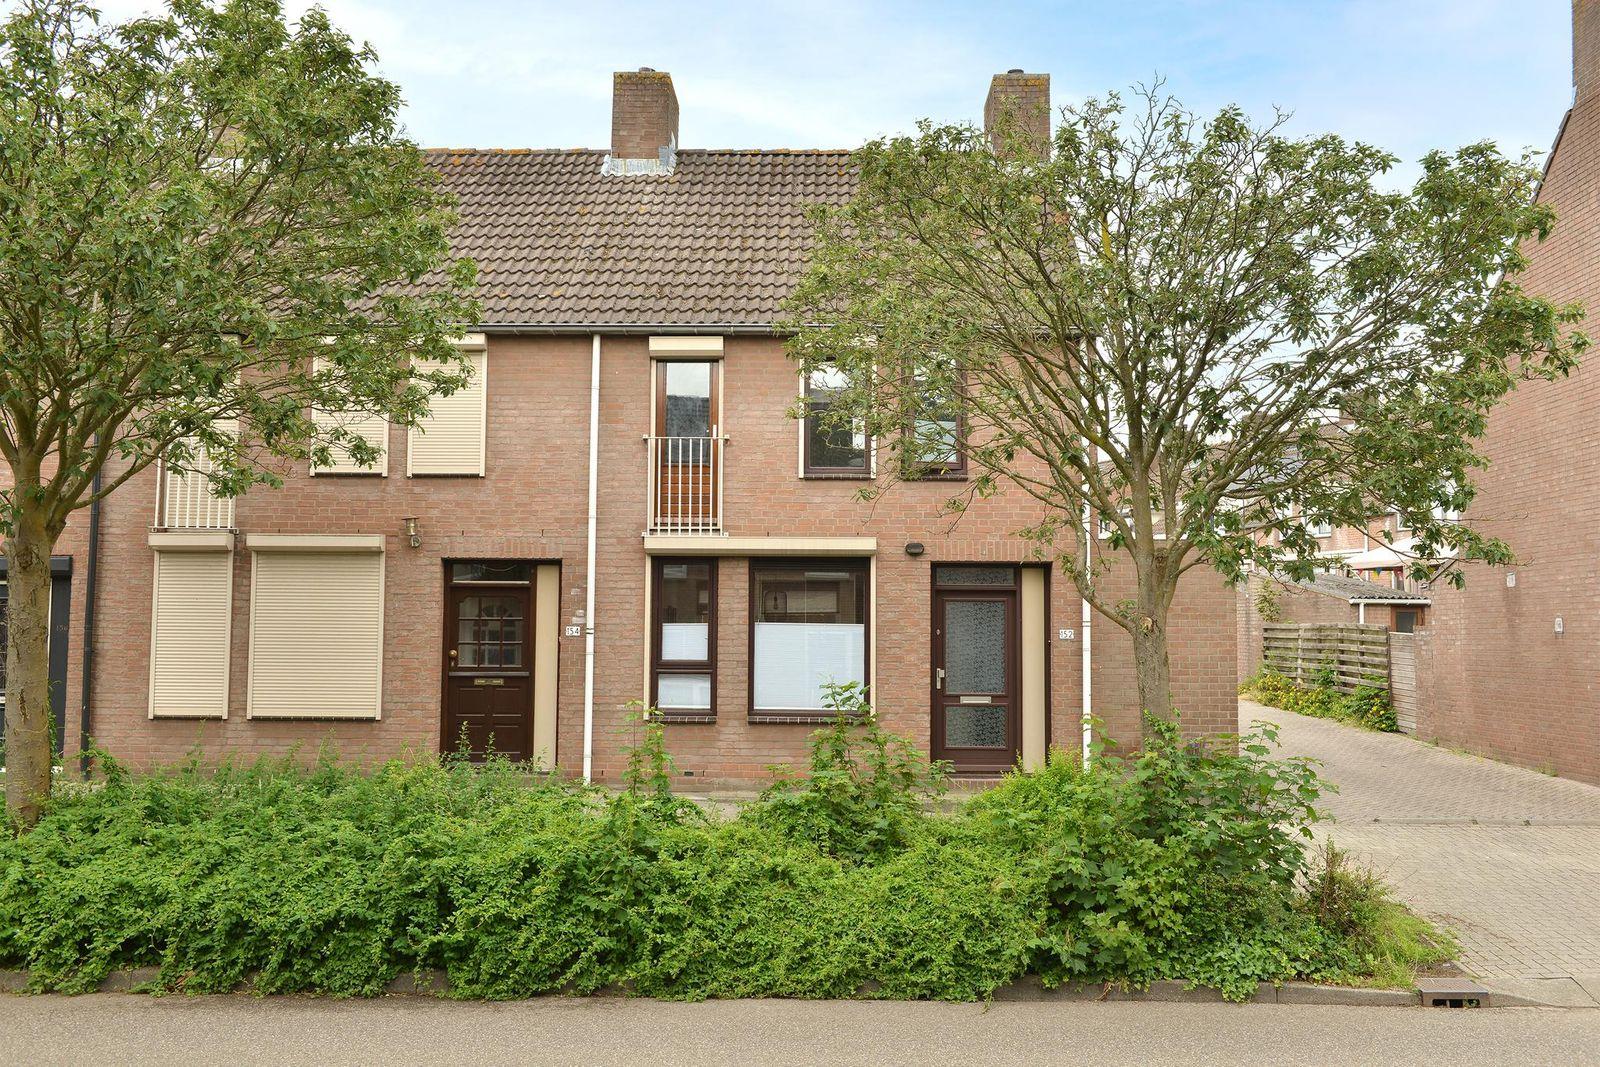 Melanendreef 152, Bergen Op Zoom